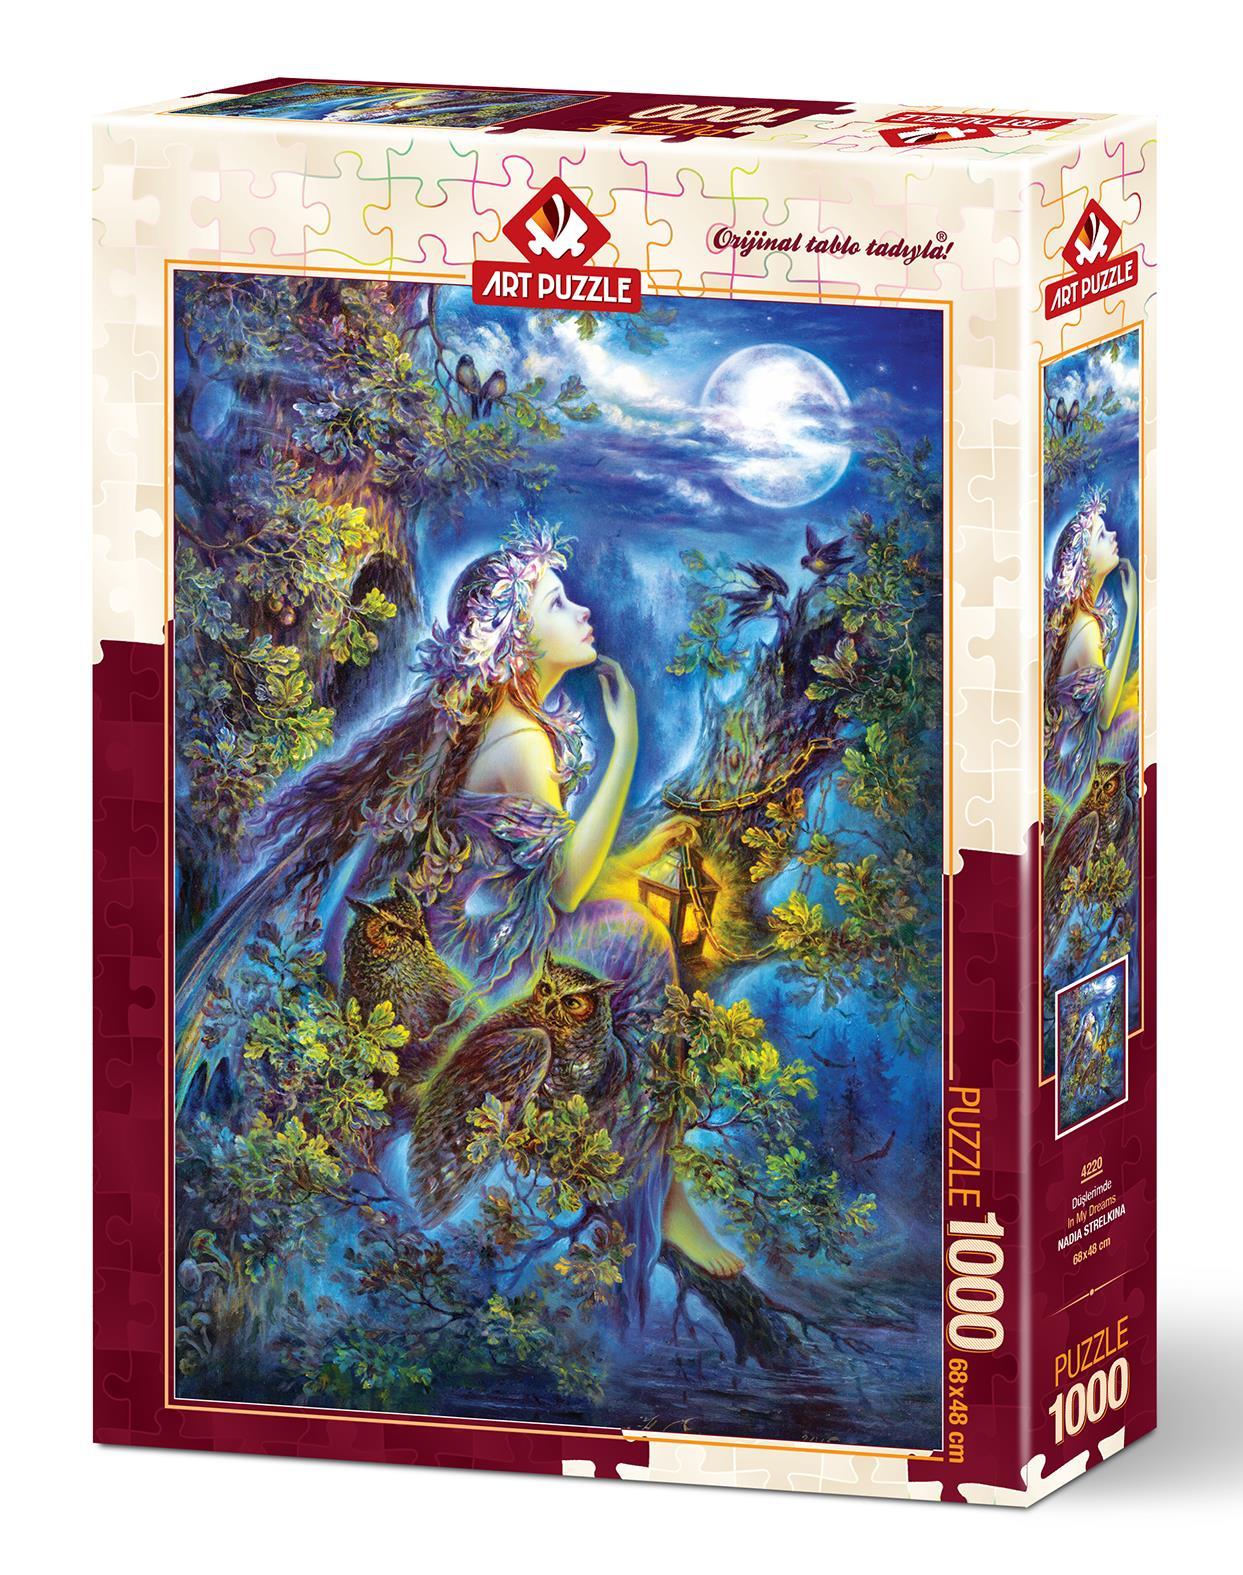 Art Puzzle 4220 Düşlerimde 1000 Parça Puzzle